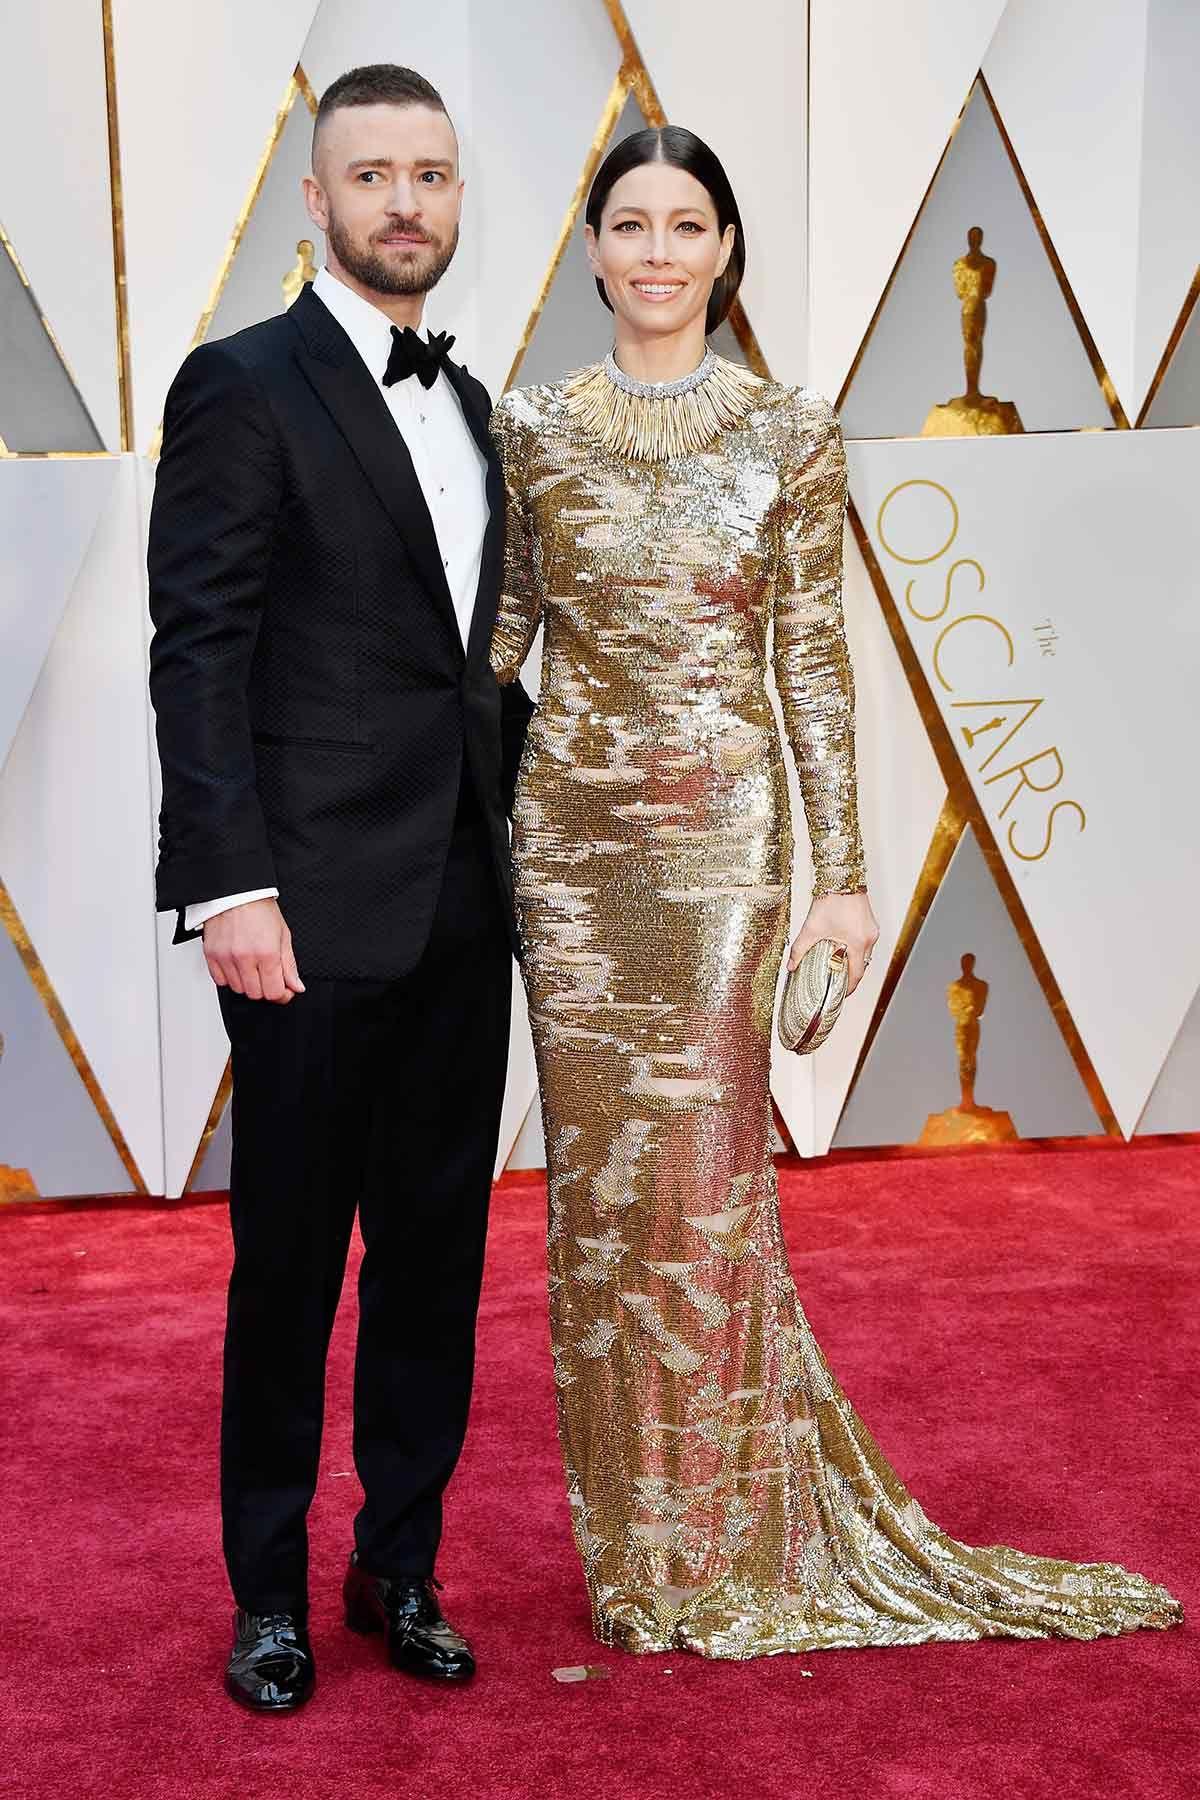 La Alfombra Roja De Los Premios Oscar 2017 Red Carpet Fashion Red Carpet Oscars Oscar Fashion